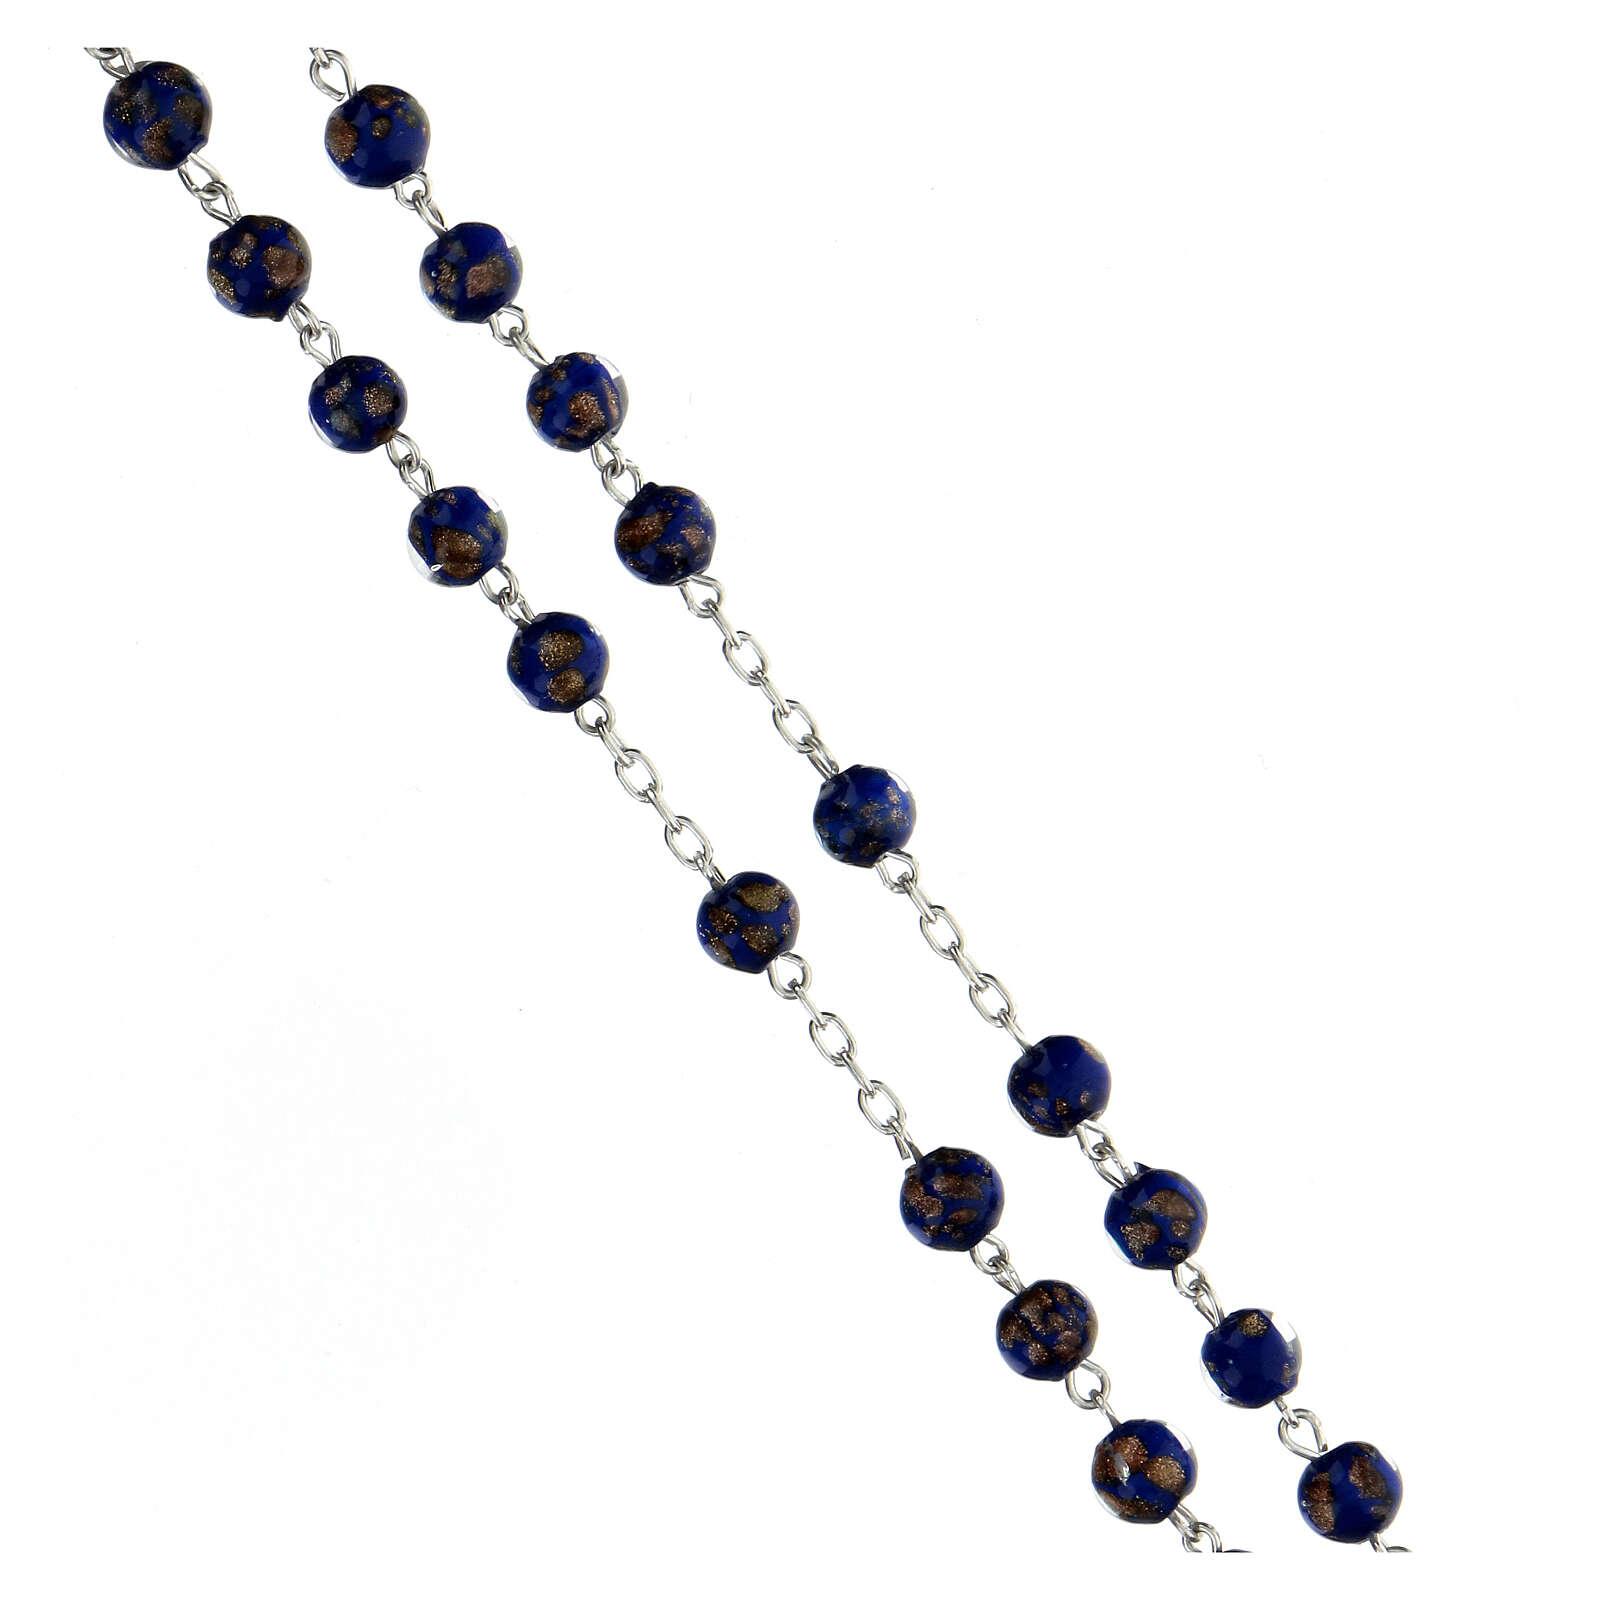 Chapelet argent 925 grains 6 mm verre bleu or 4